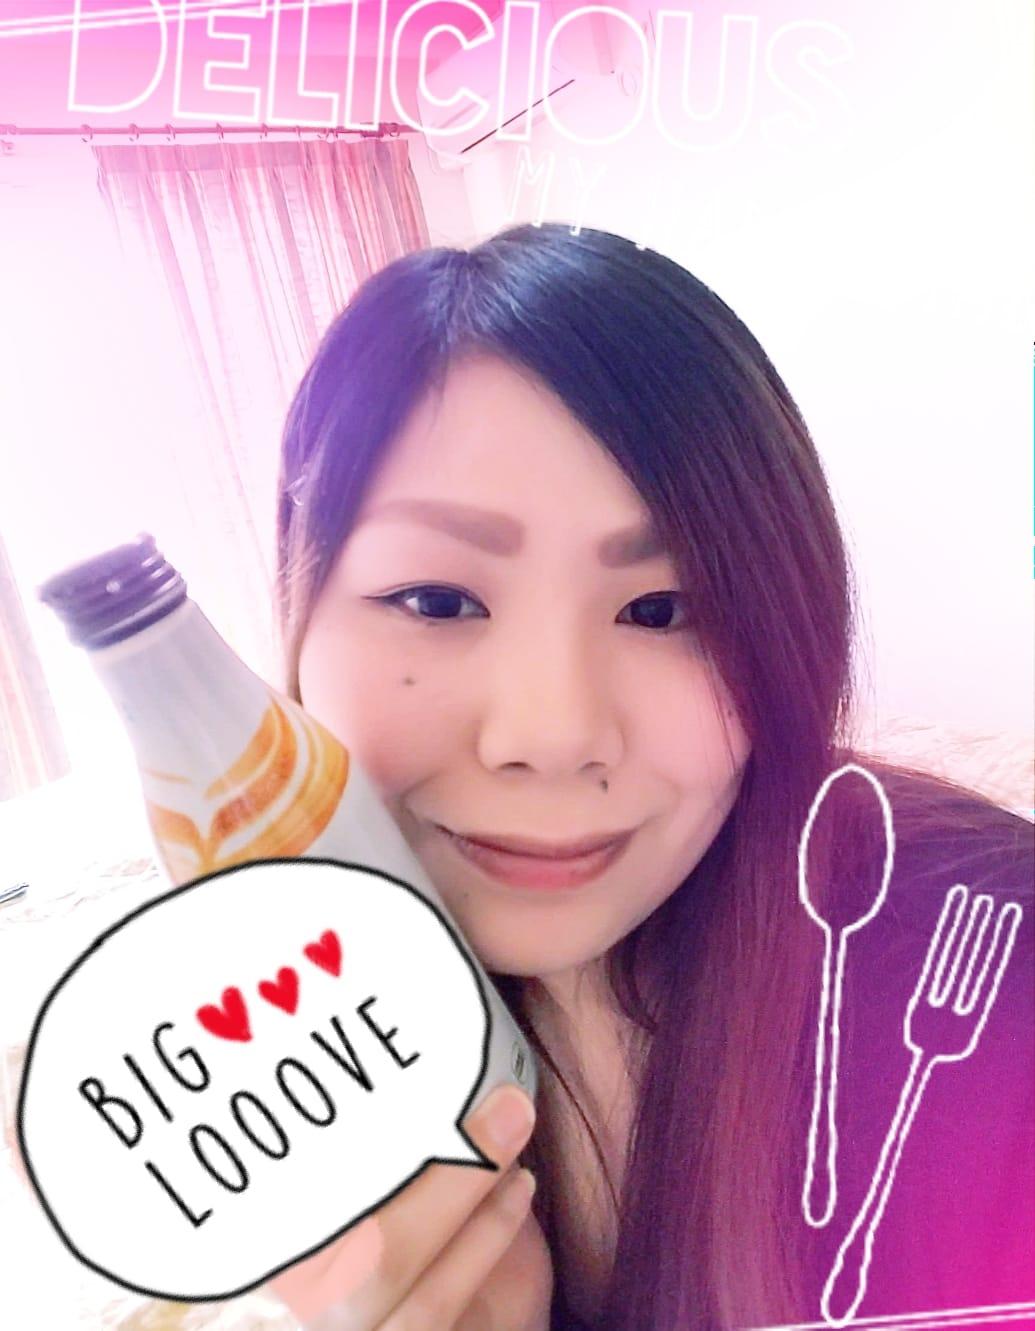 ゆずか☆淫乱ロリッ娘!「ルーティン♪」02/22(木) 12:56   ゆずか☆淫乱ロリッ娘!の写メ・風俗動画